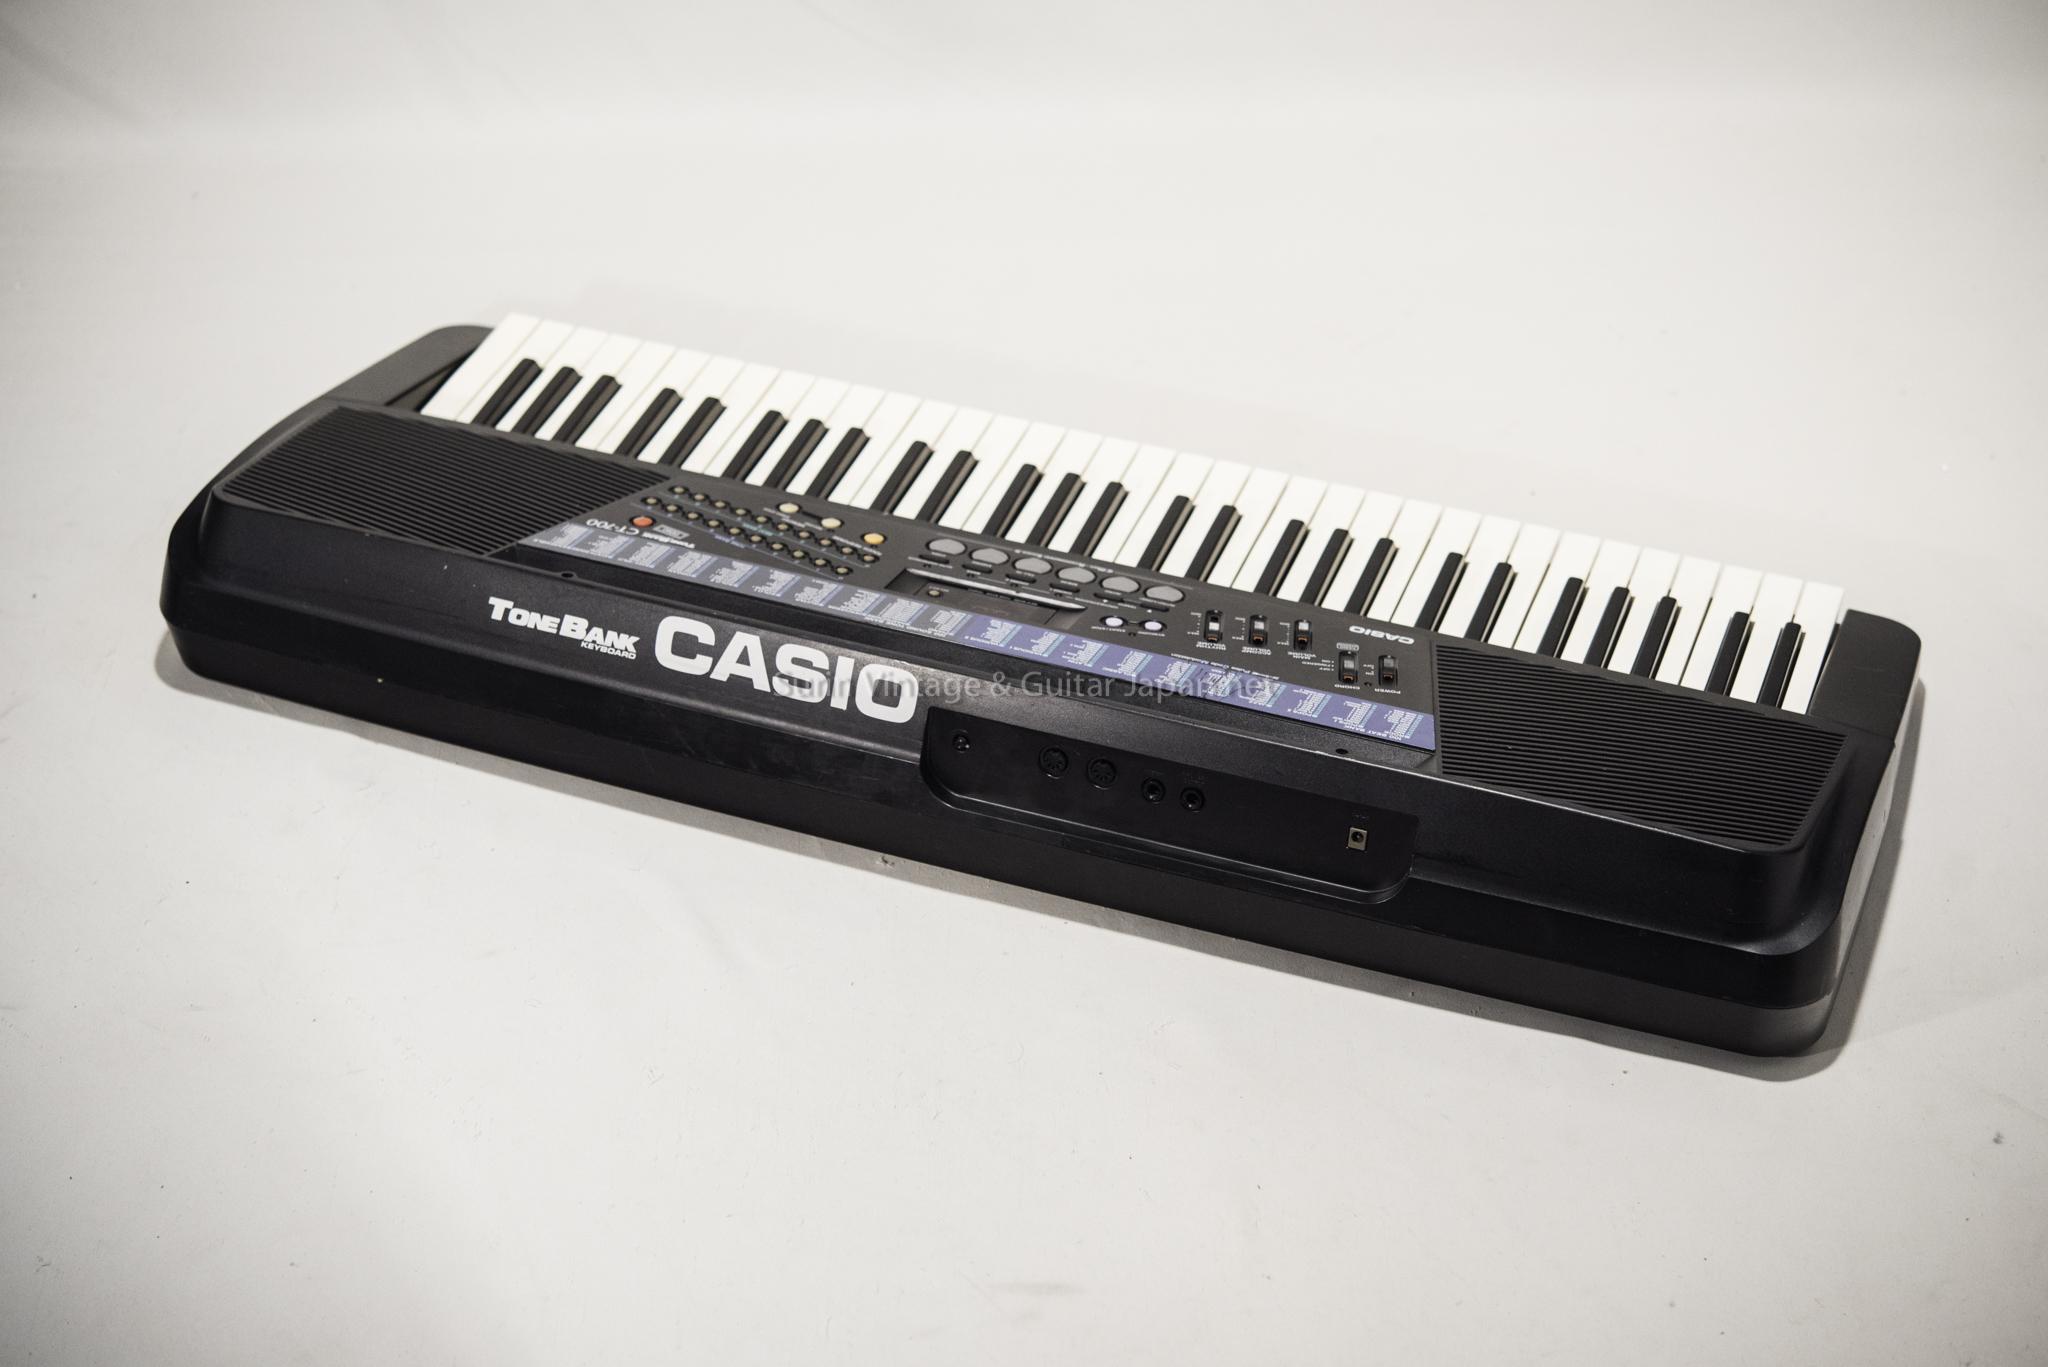 คีย์บอร์ดมือสอง CASIO Tone Bank CT-700